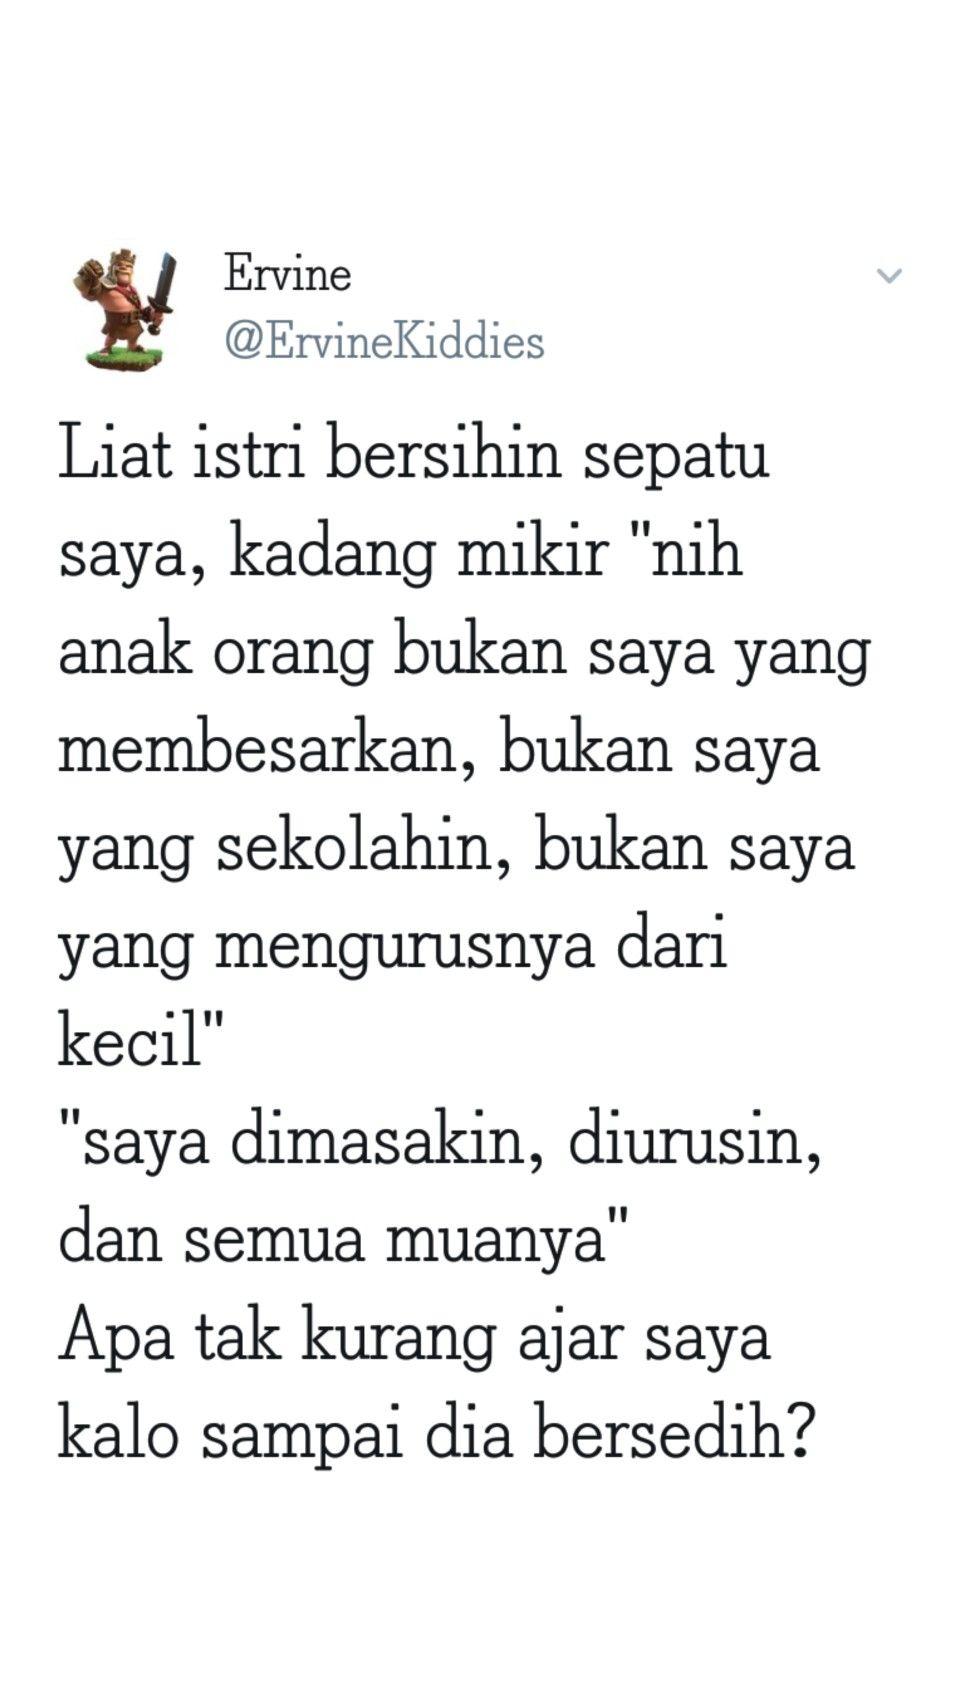 quotes baper twitter indonesia di 2020 Belajar, Sedih